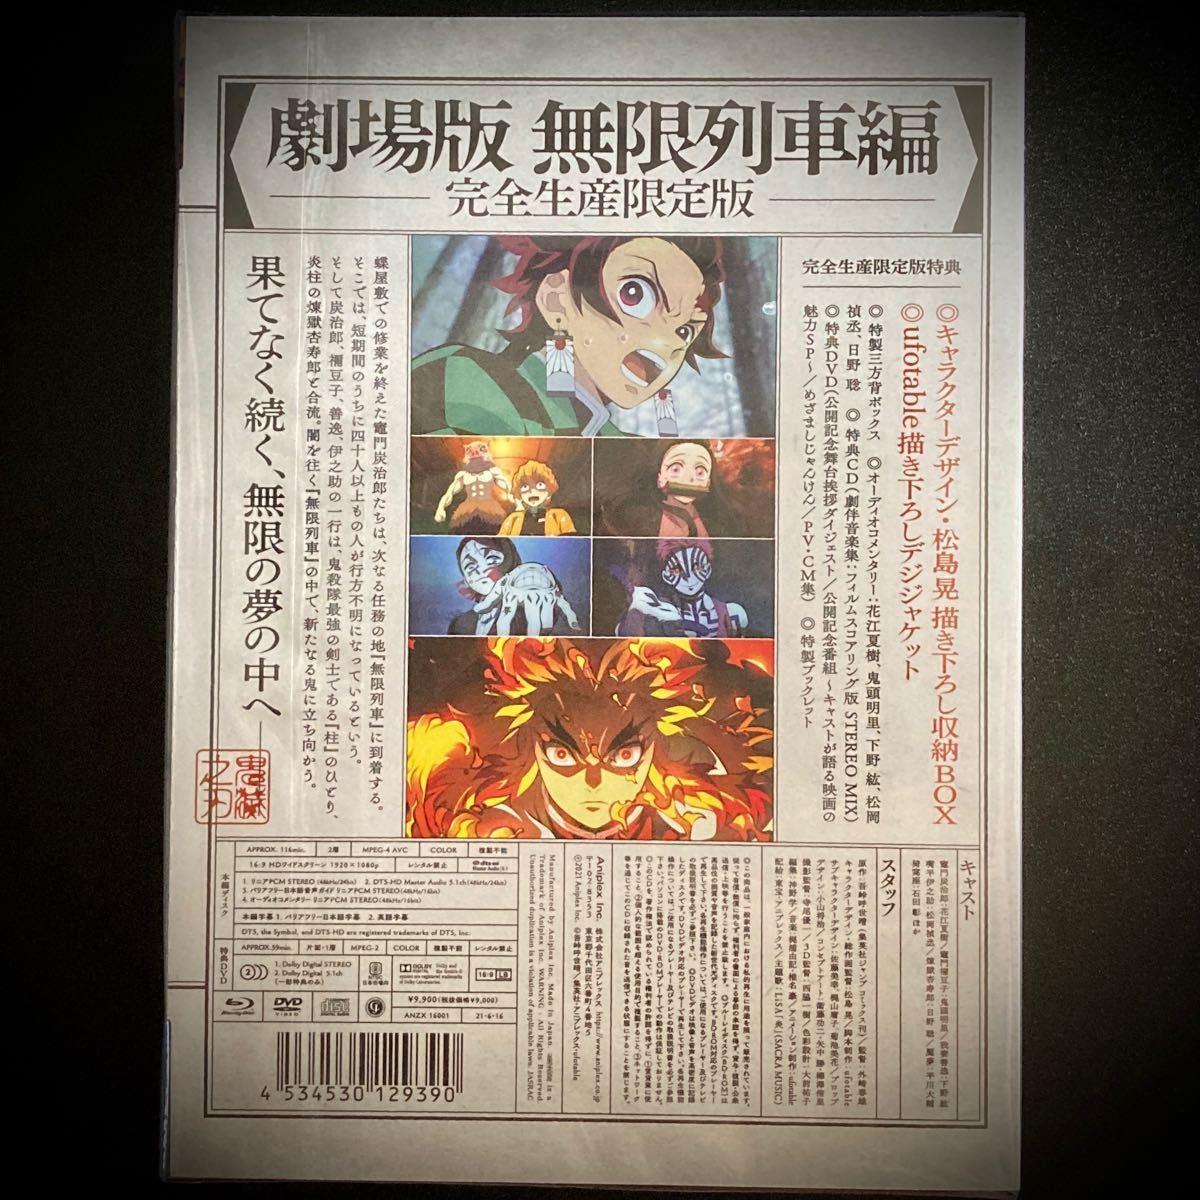 劇場版 「鬼滅の刃」 無限列車編 完全生産限定版 Blu-ray